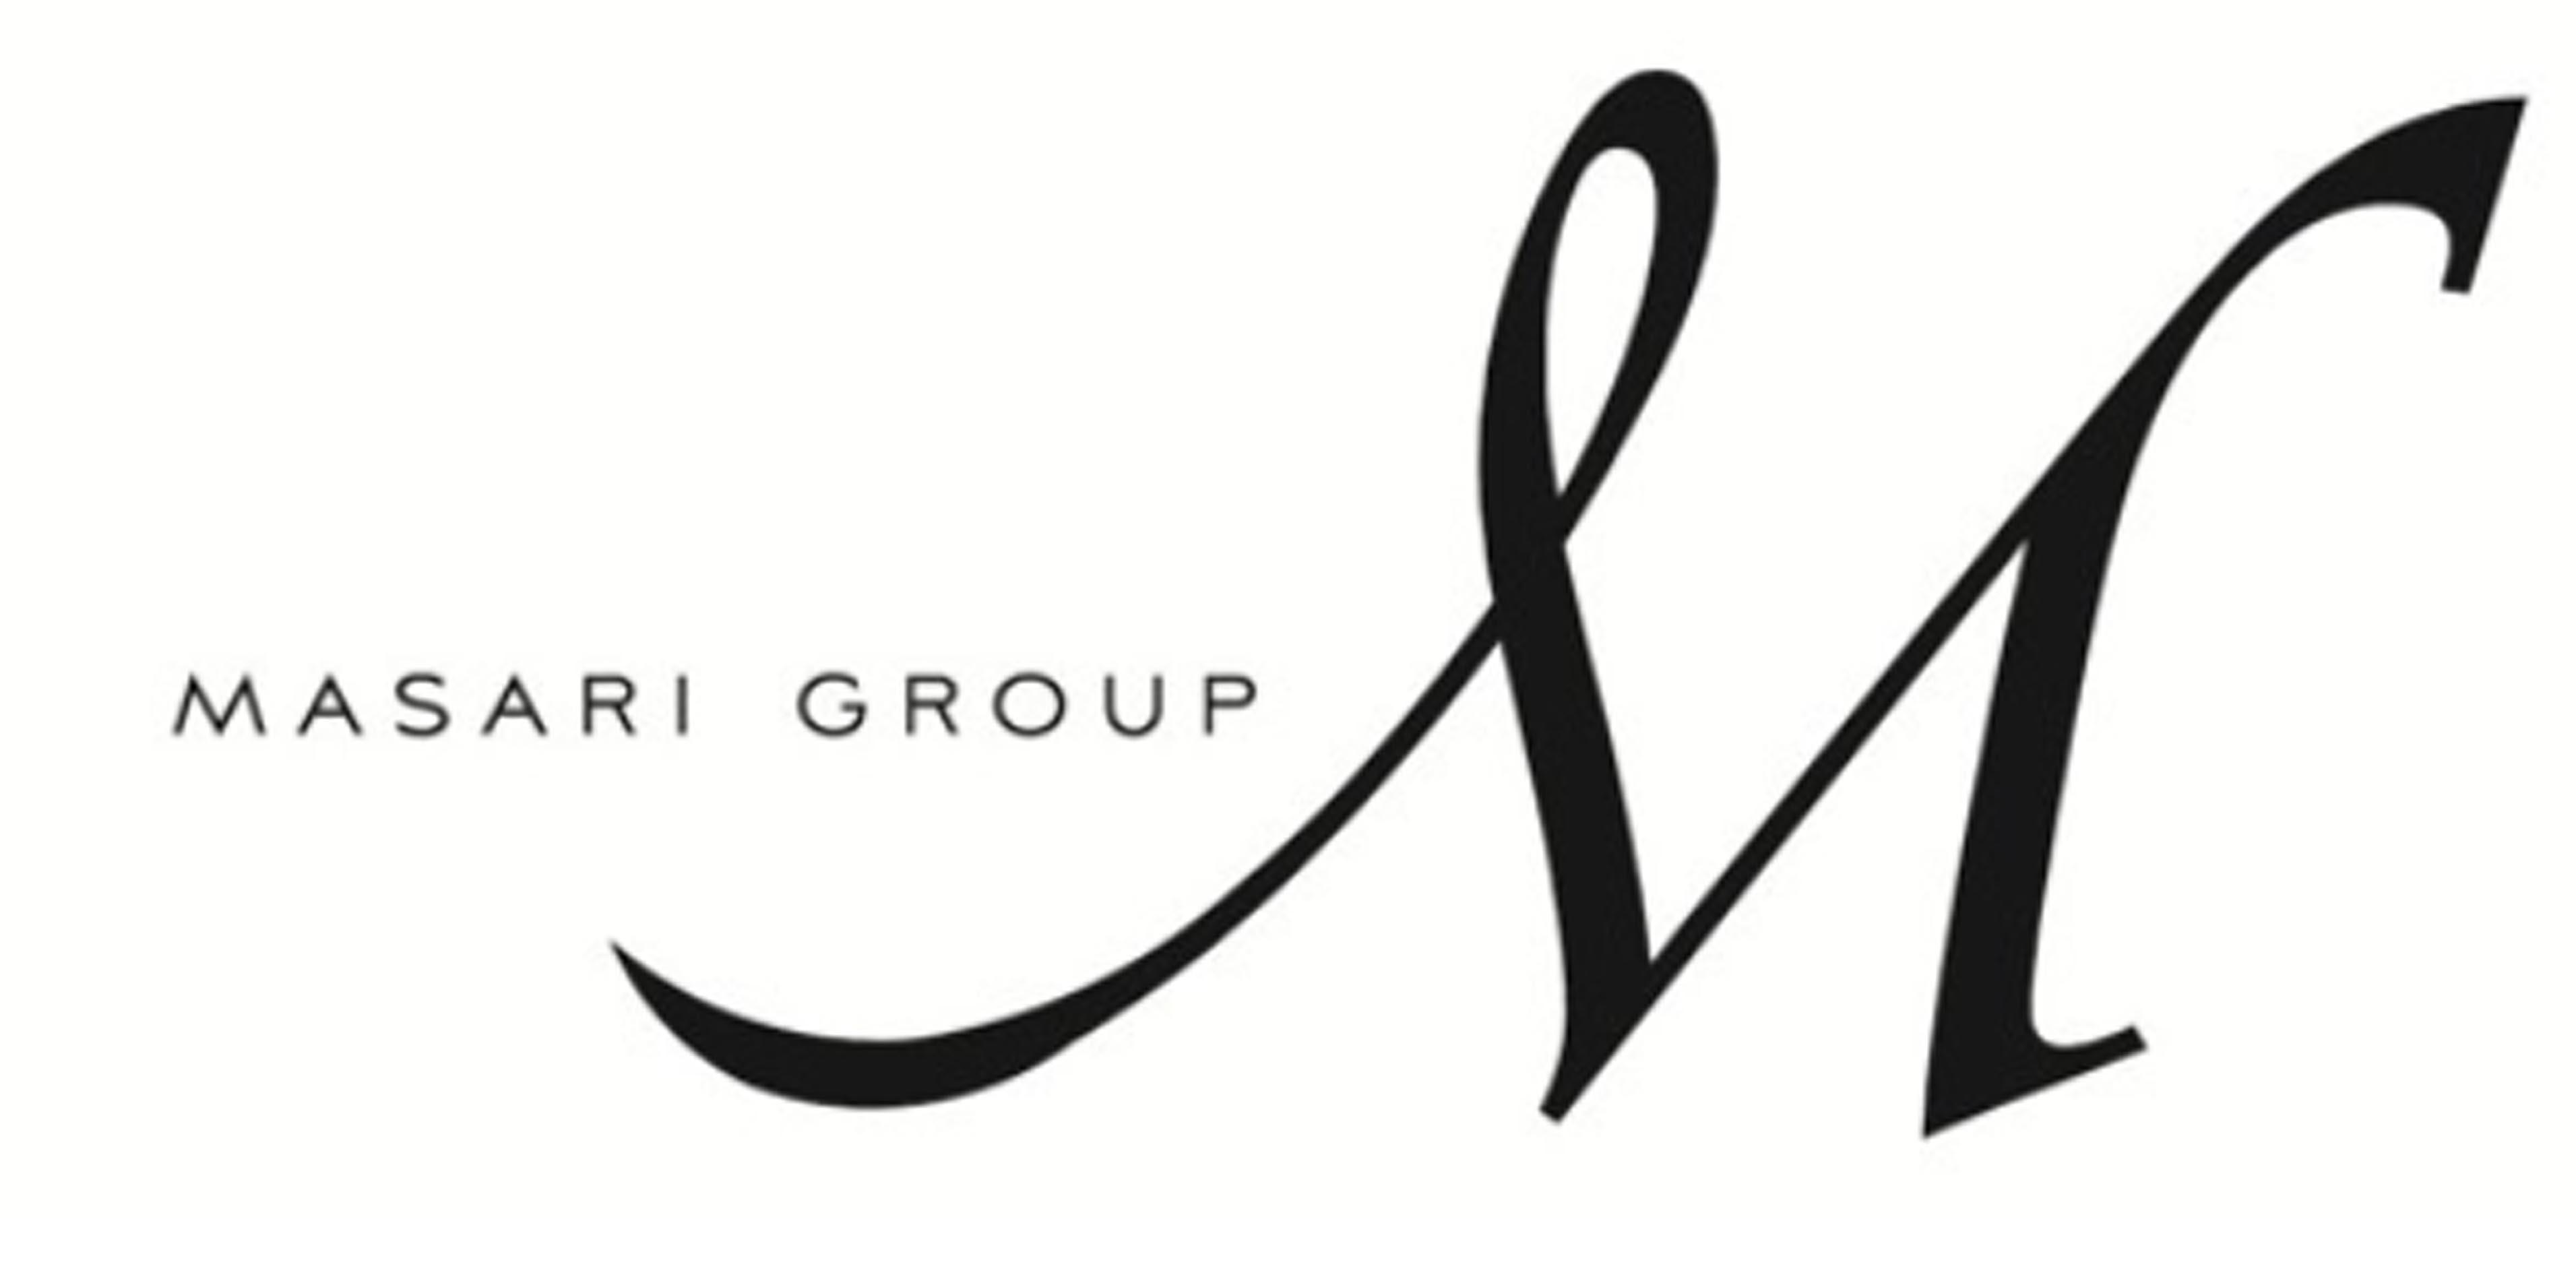 MASARI GROUP